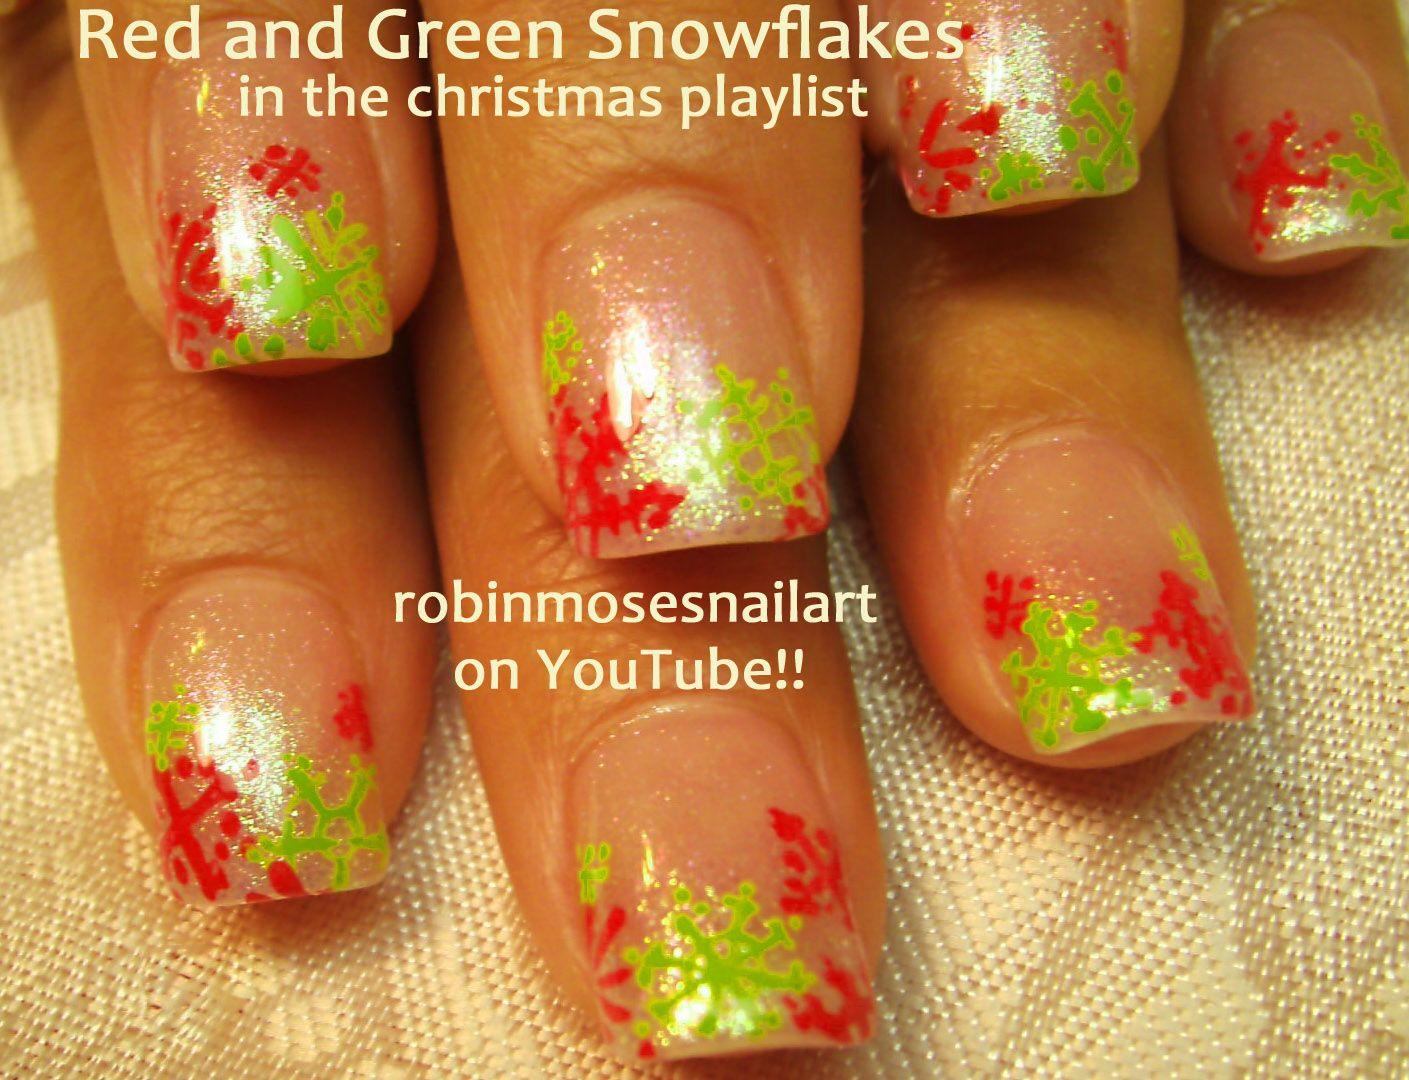 Nail-art by Robin Moses: Easy snowflake nail art, Red and Green snowflakes, Penguin nail art, Christmas penguin, Cute penguin nails, Fun Christmas nails, Christmas Nail Art, How to paint Penguins, How to paint snowflakes,